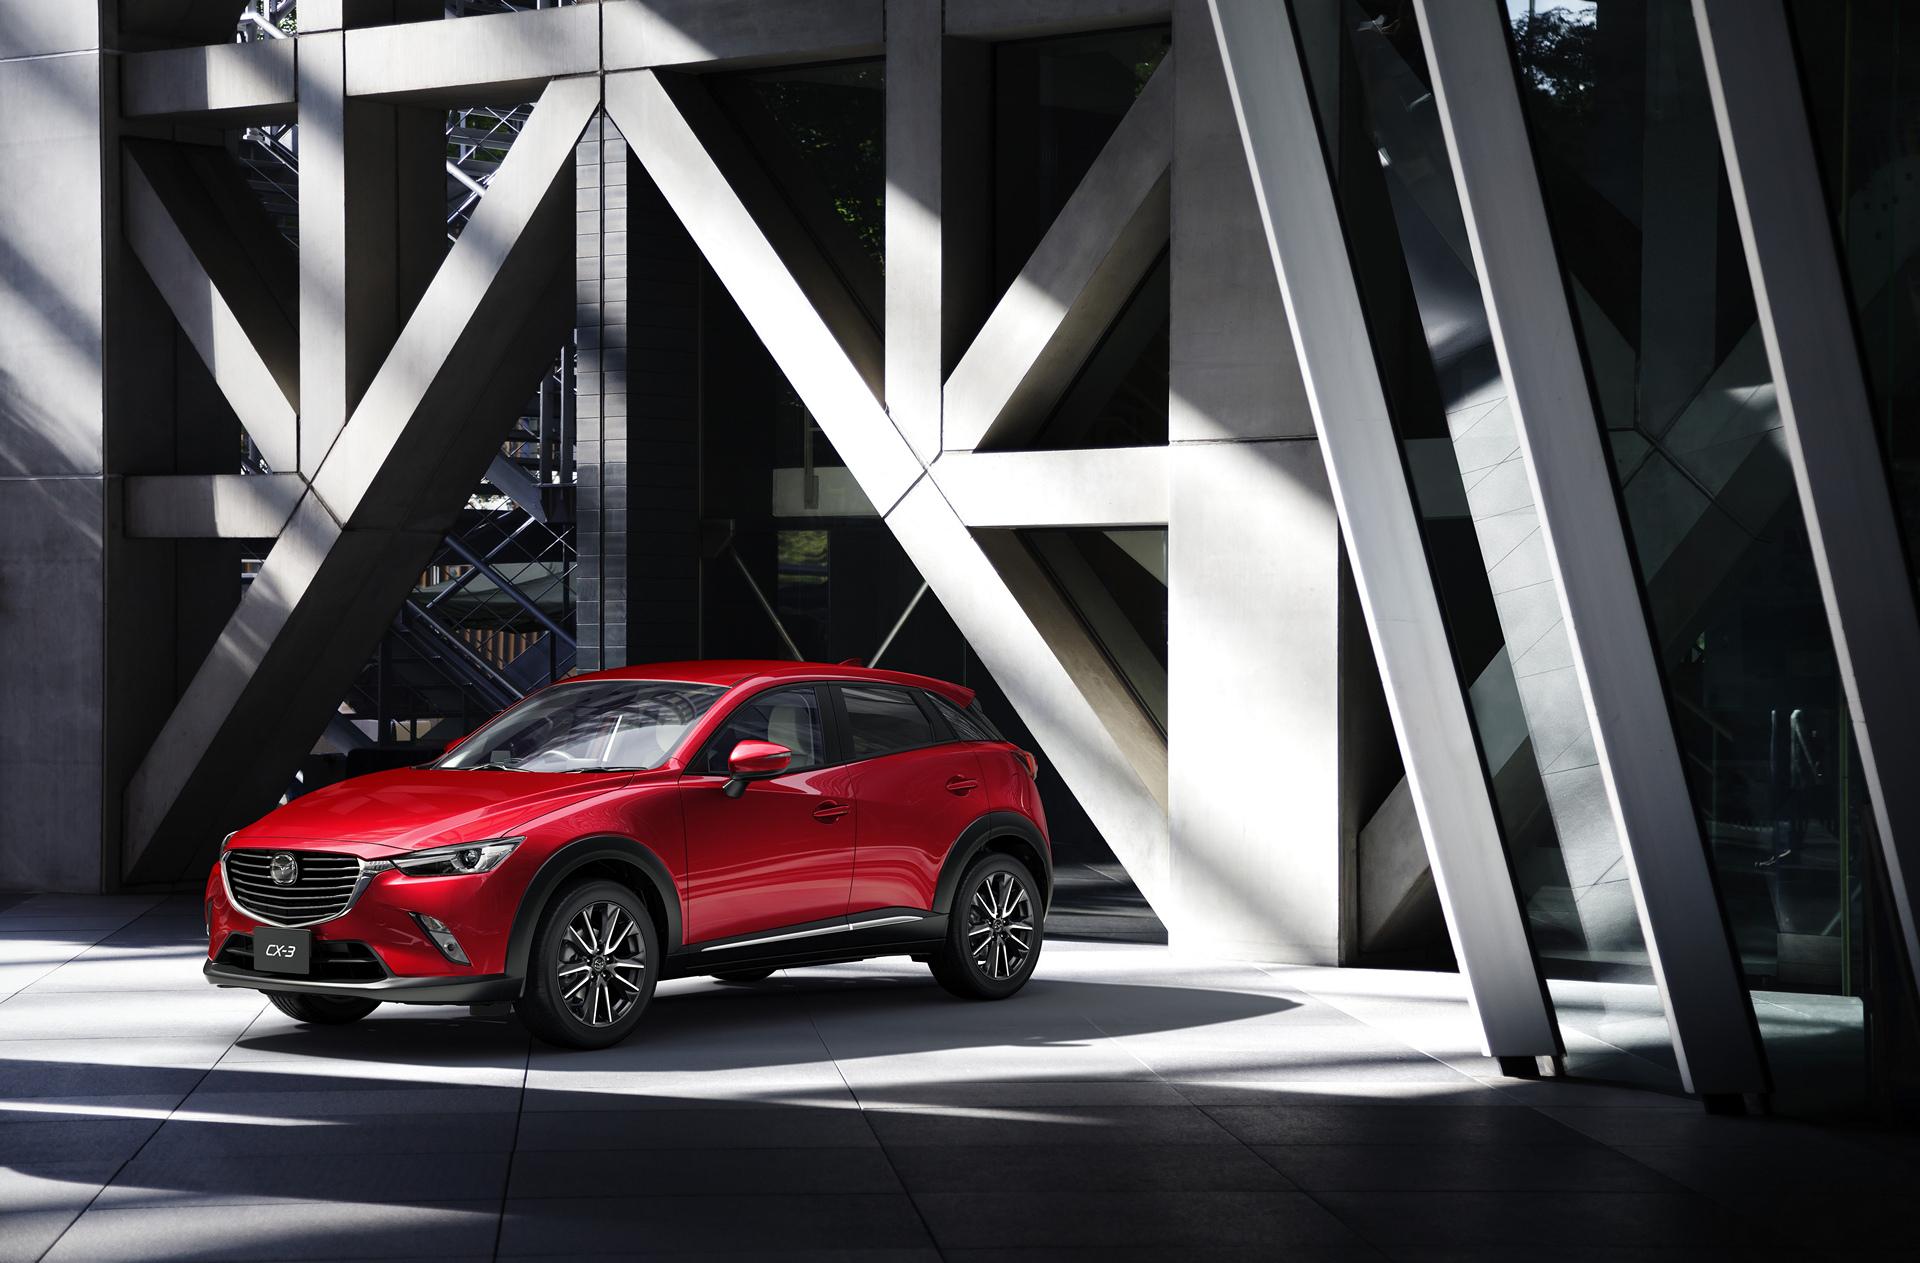 2017 Mazda CX-3 © Mazda Motor Corporation